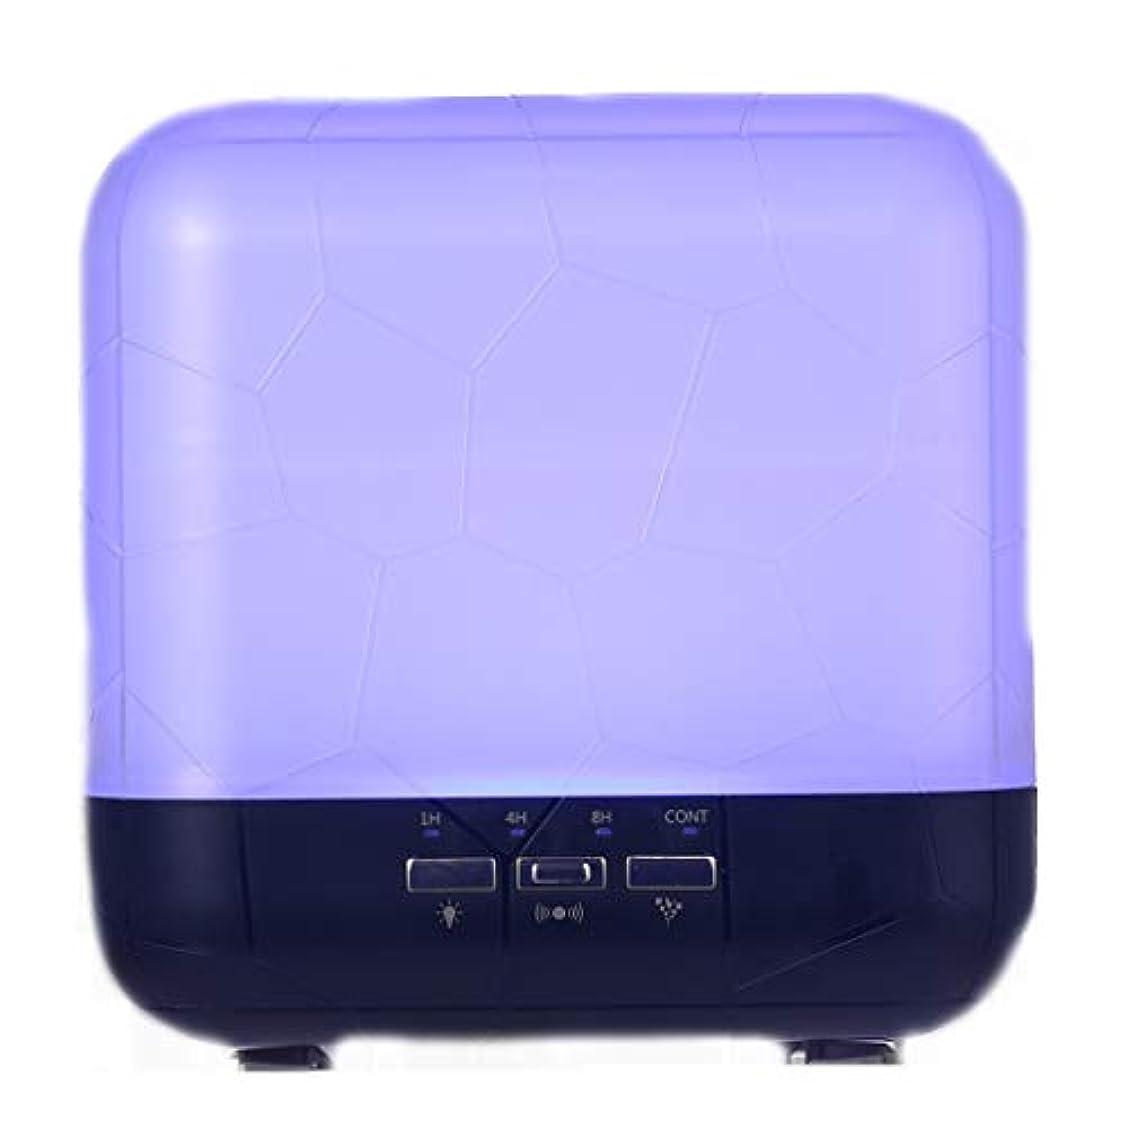 悪意超越する過度に拡散器、調節可能なミストモード、寝室/オフィス/旅行のためのアロマセラピー機械を離れた自動のHomeweeks 1000ml多彩な精油の拡散器 (Color : Purple)